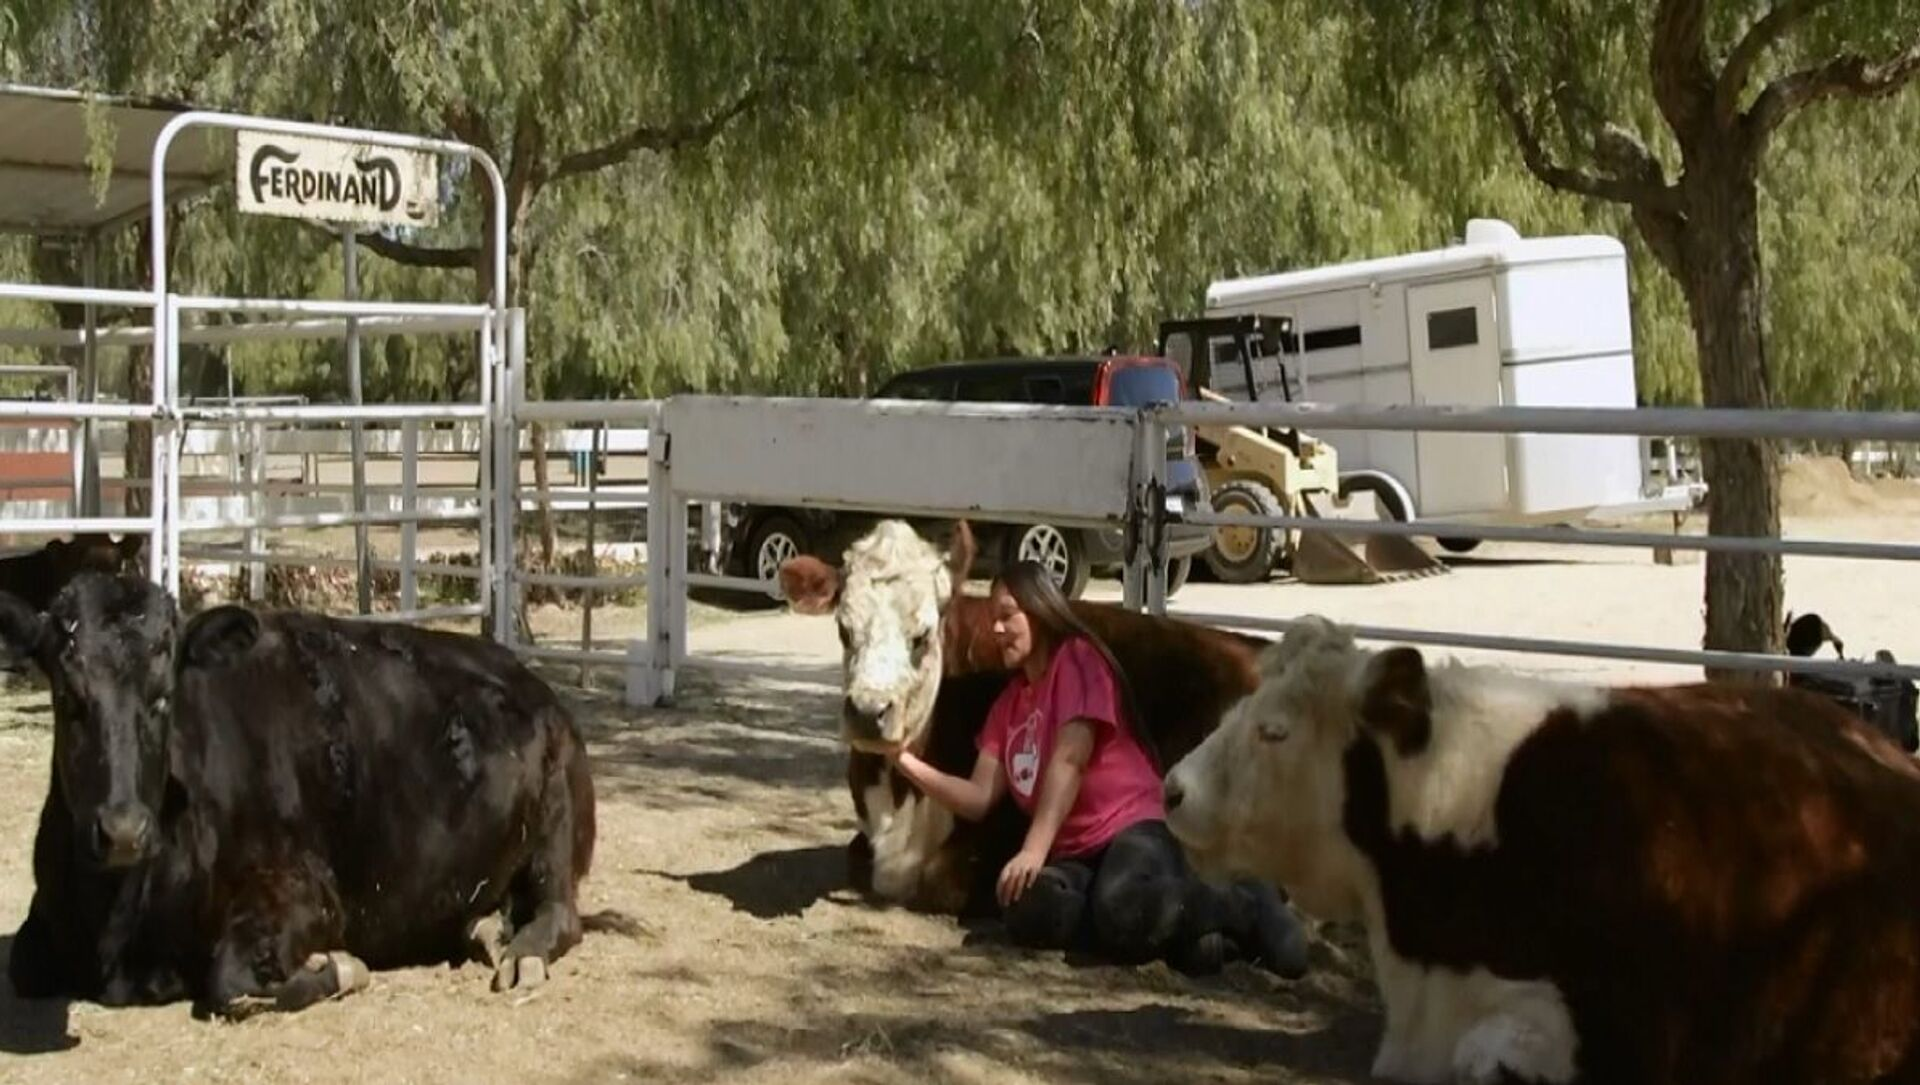 La fattoria della California offre una terapia per migliorare l'umore con abbracci di mucca - Sputnik Italia, 1920, 27.03.2021